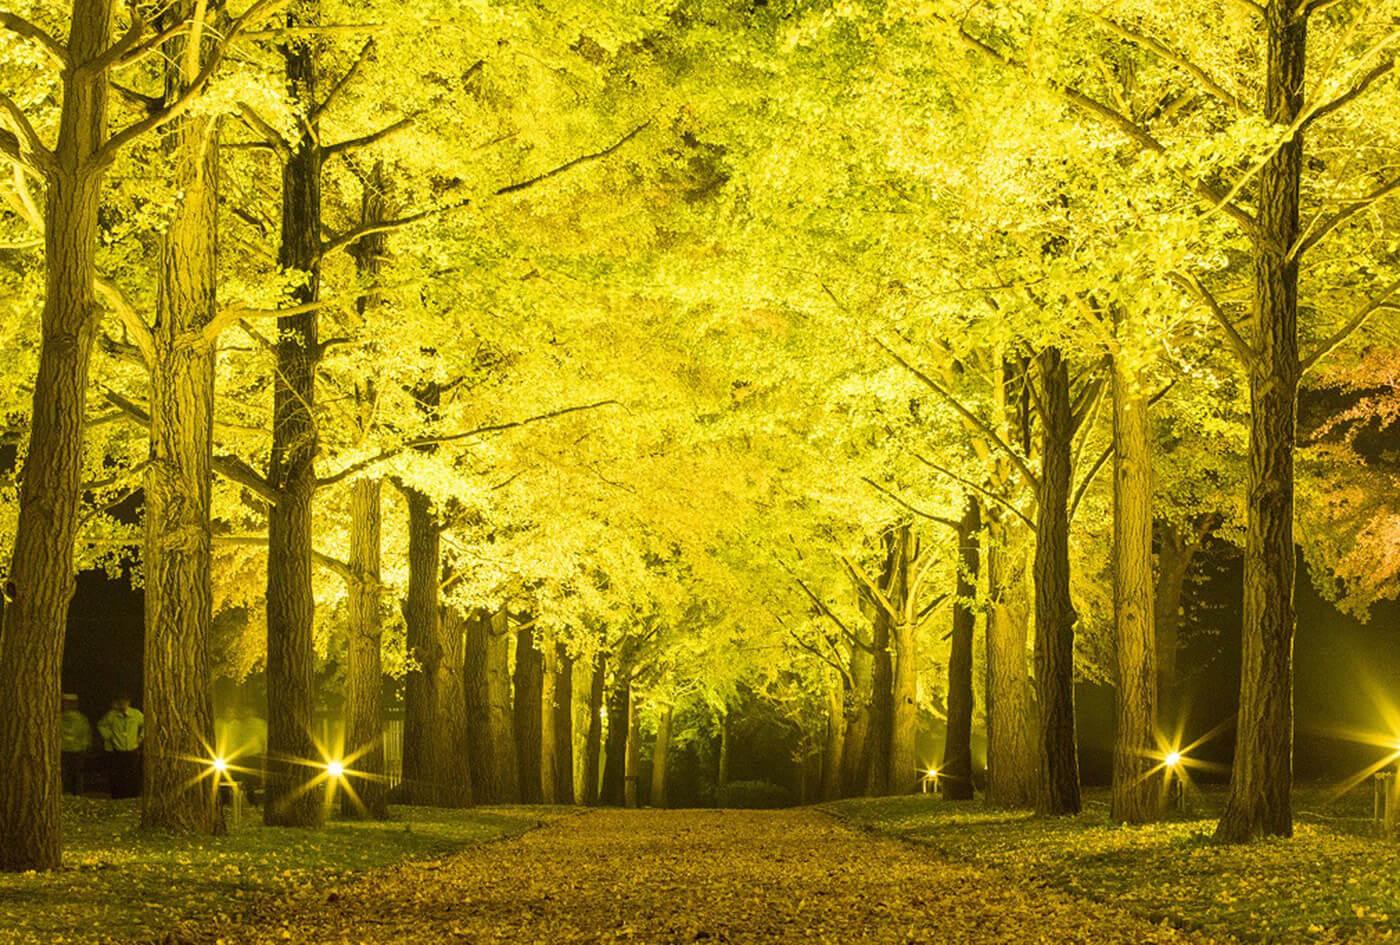 ライトアップで夜空に浮かび上がるイチョウは、昼に見るイチョウ並木とは違った趣がある